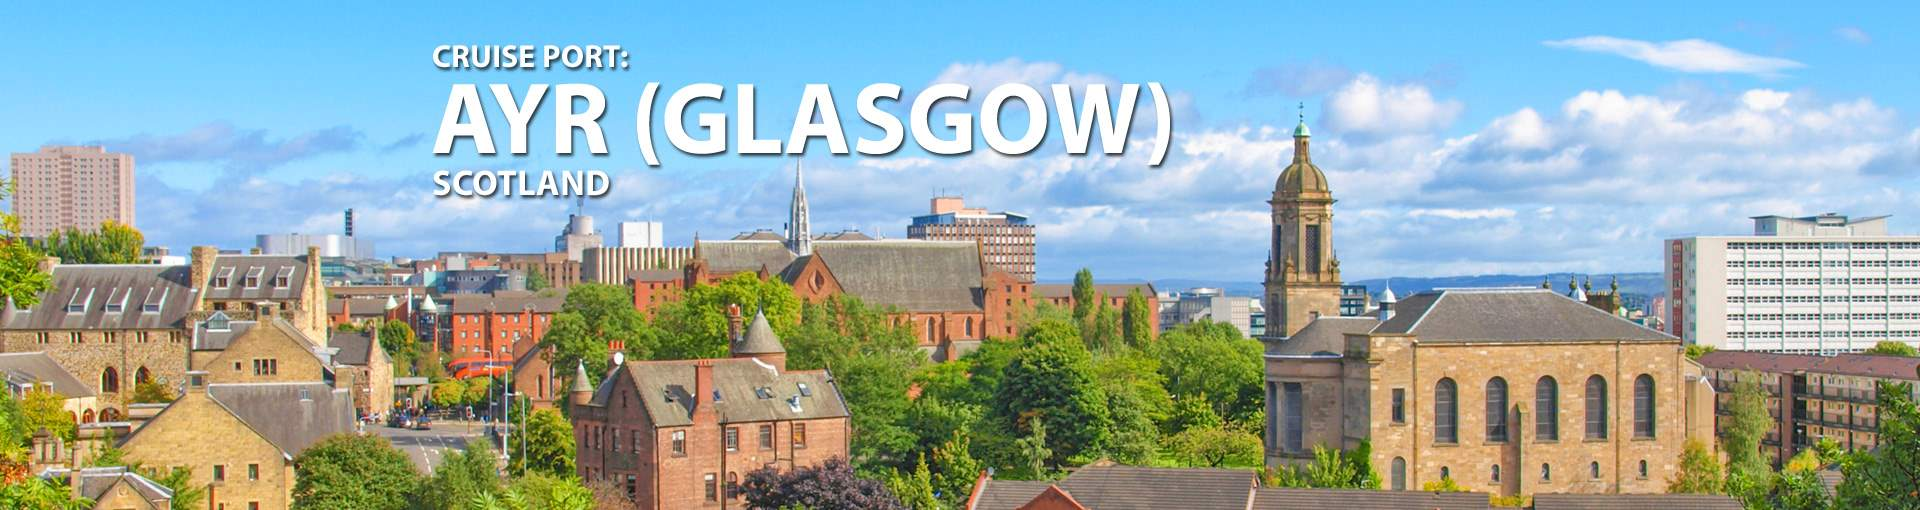 Cruises to Ayr (Glasgow), Scotland